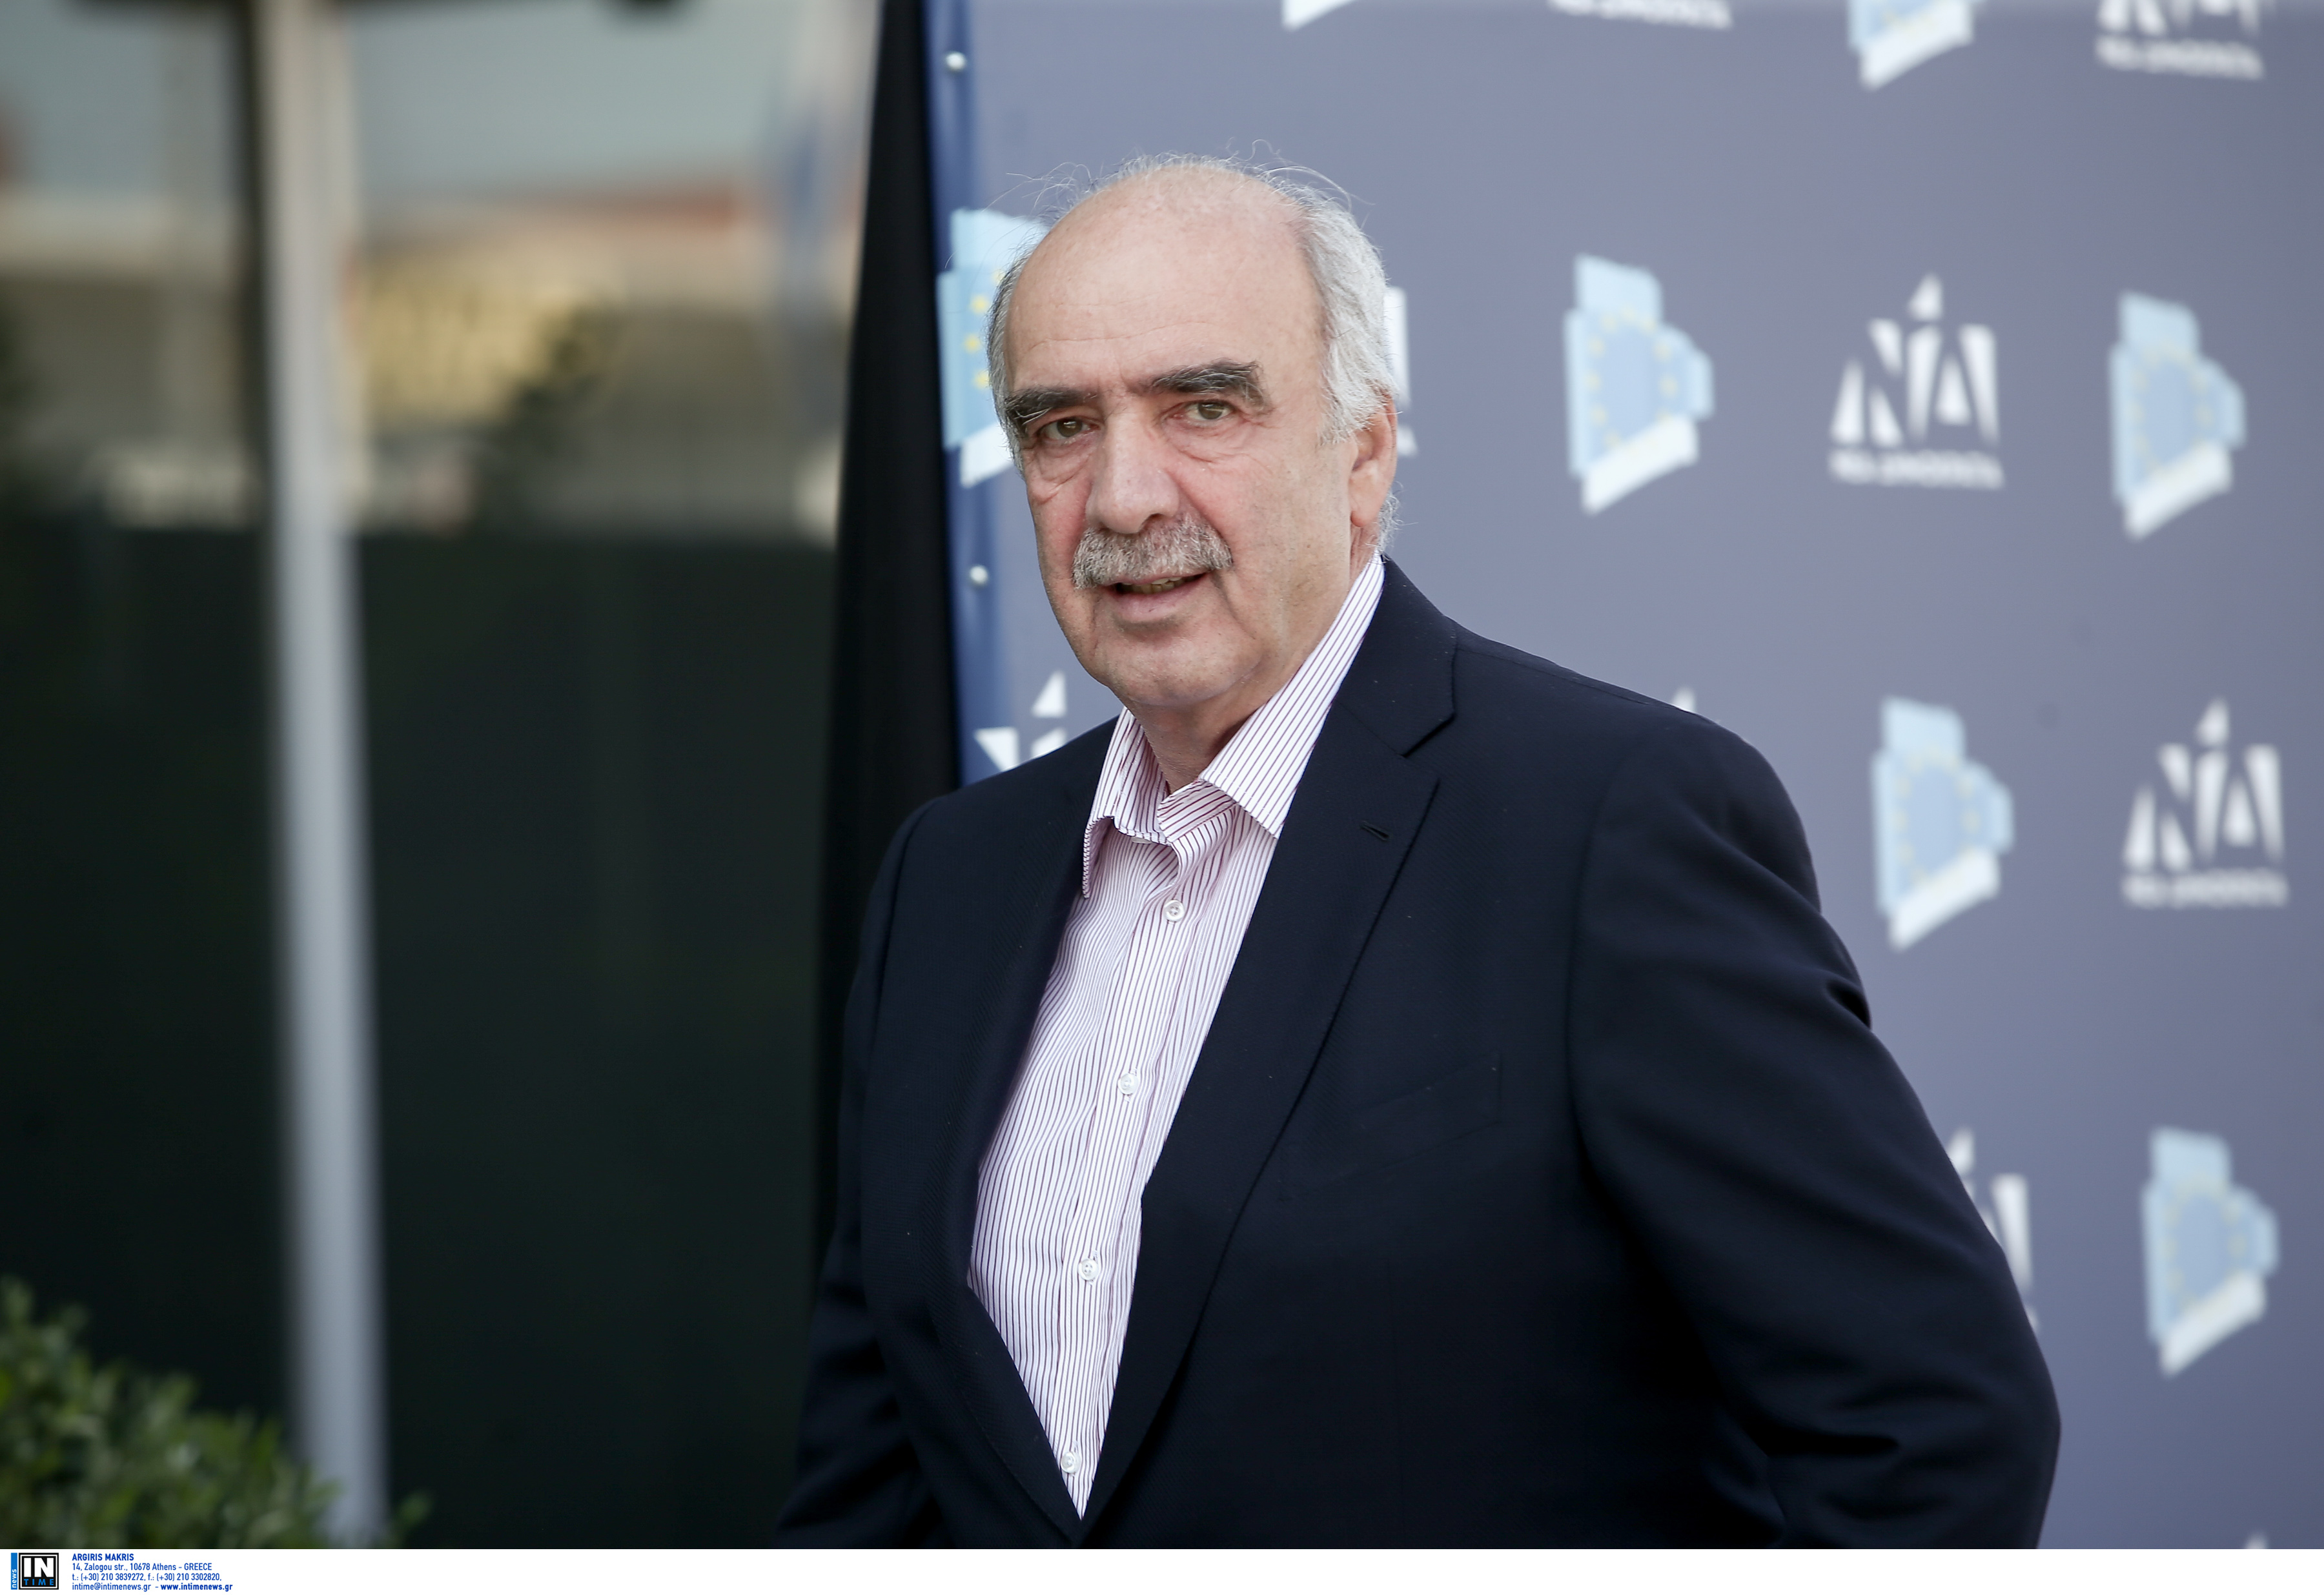 Μεϊμαράκης: Η Τουρκία συνεχίζει να προκαλεί, να παραμείνει σε συνεχή εποπτεία